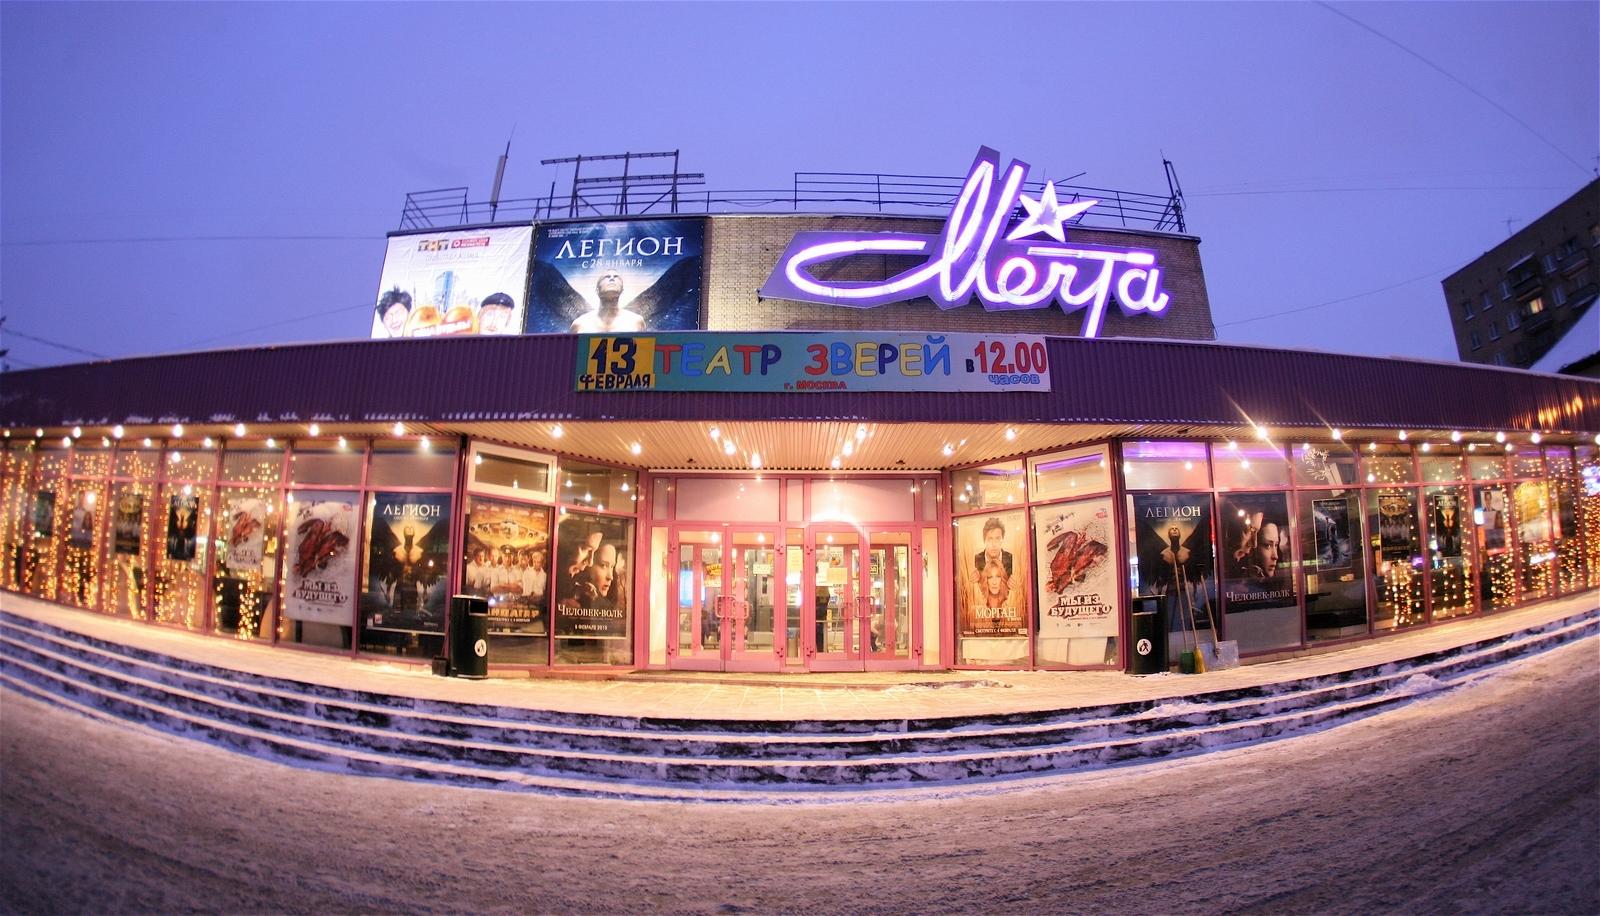 кинотеатр мечта цены билеты